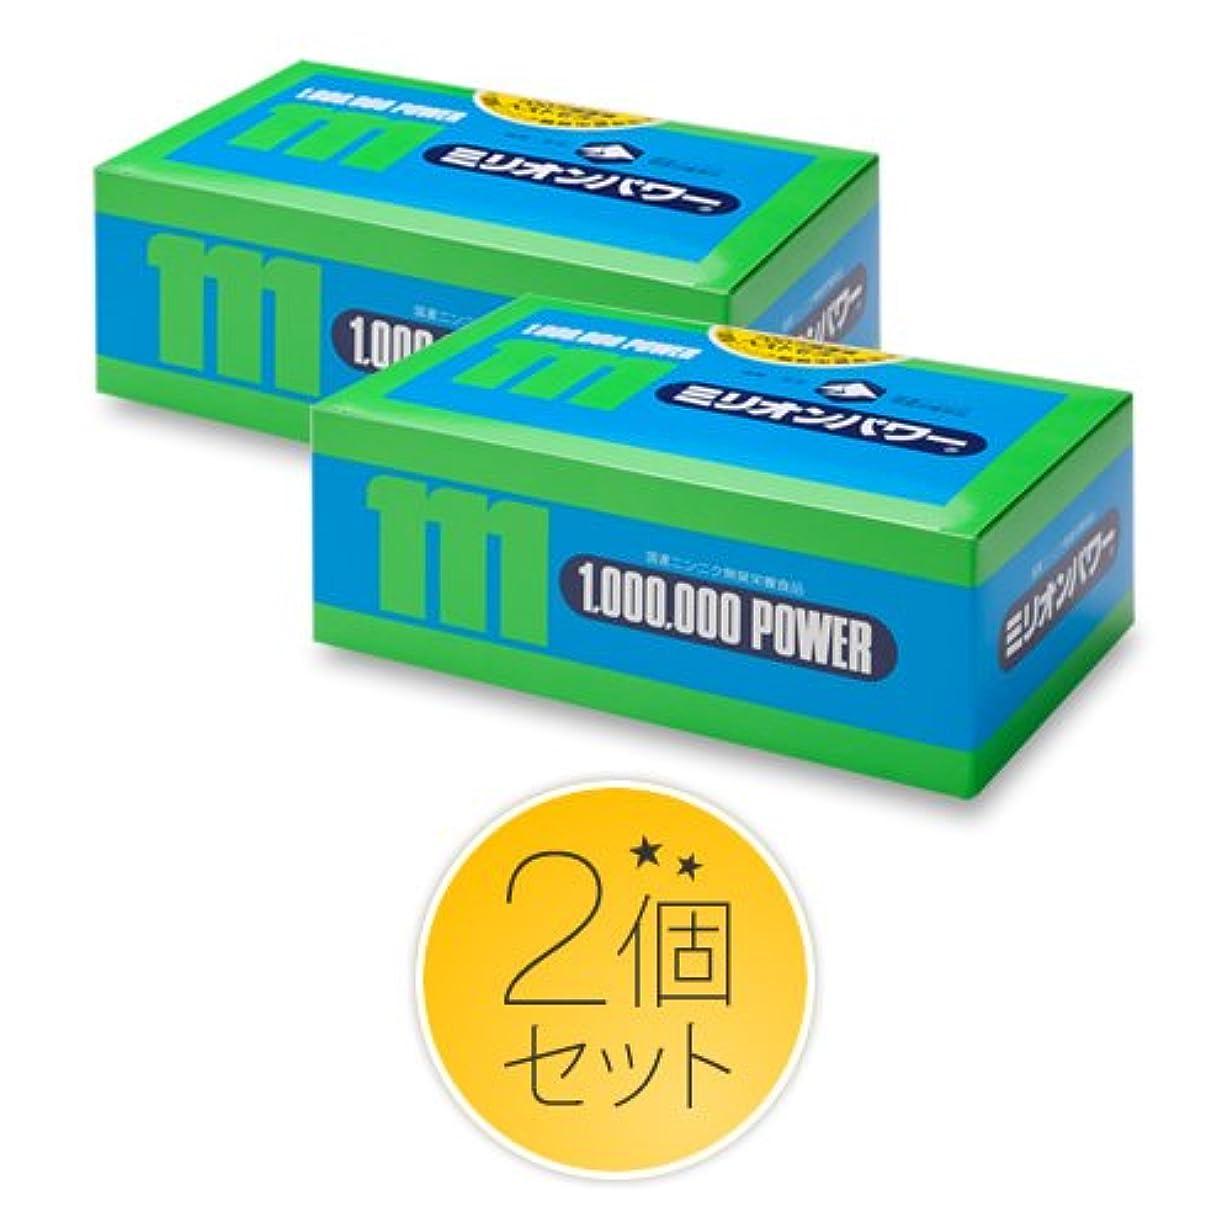 殺人者ヒップ吸収するミリオンパワー2箱セット【期間限定】EPA高配合 さらさら青魚プレゼント